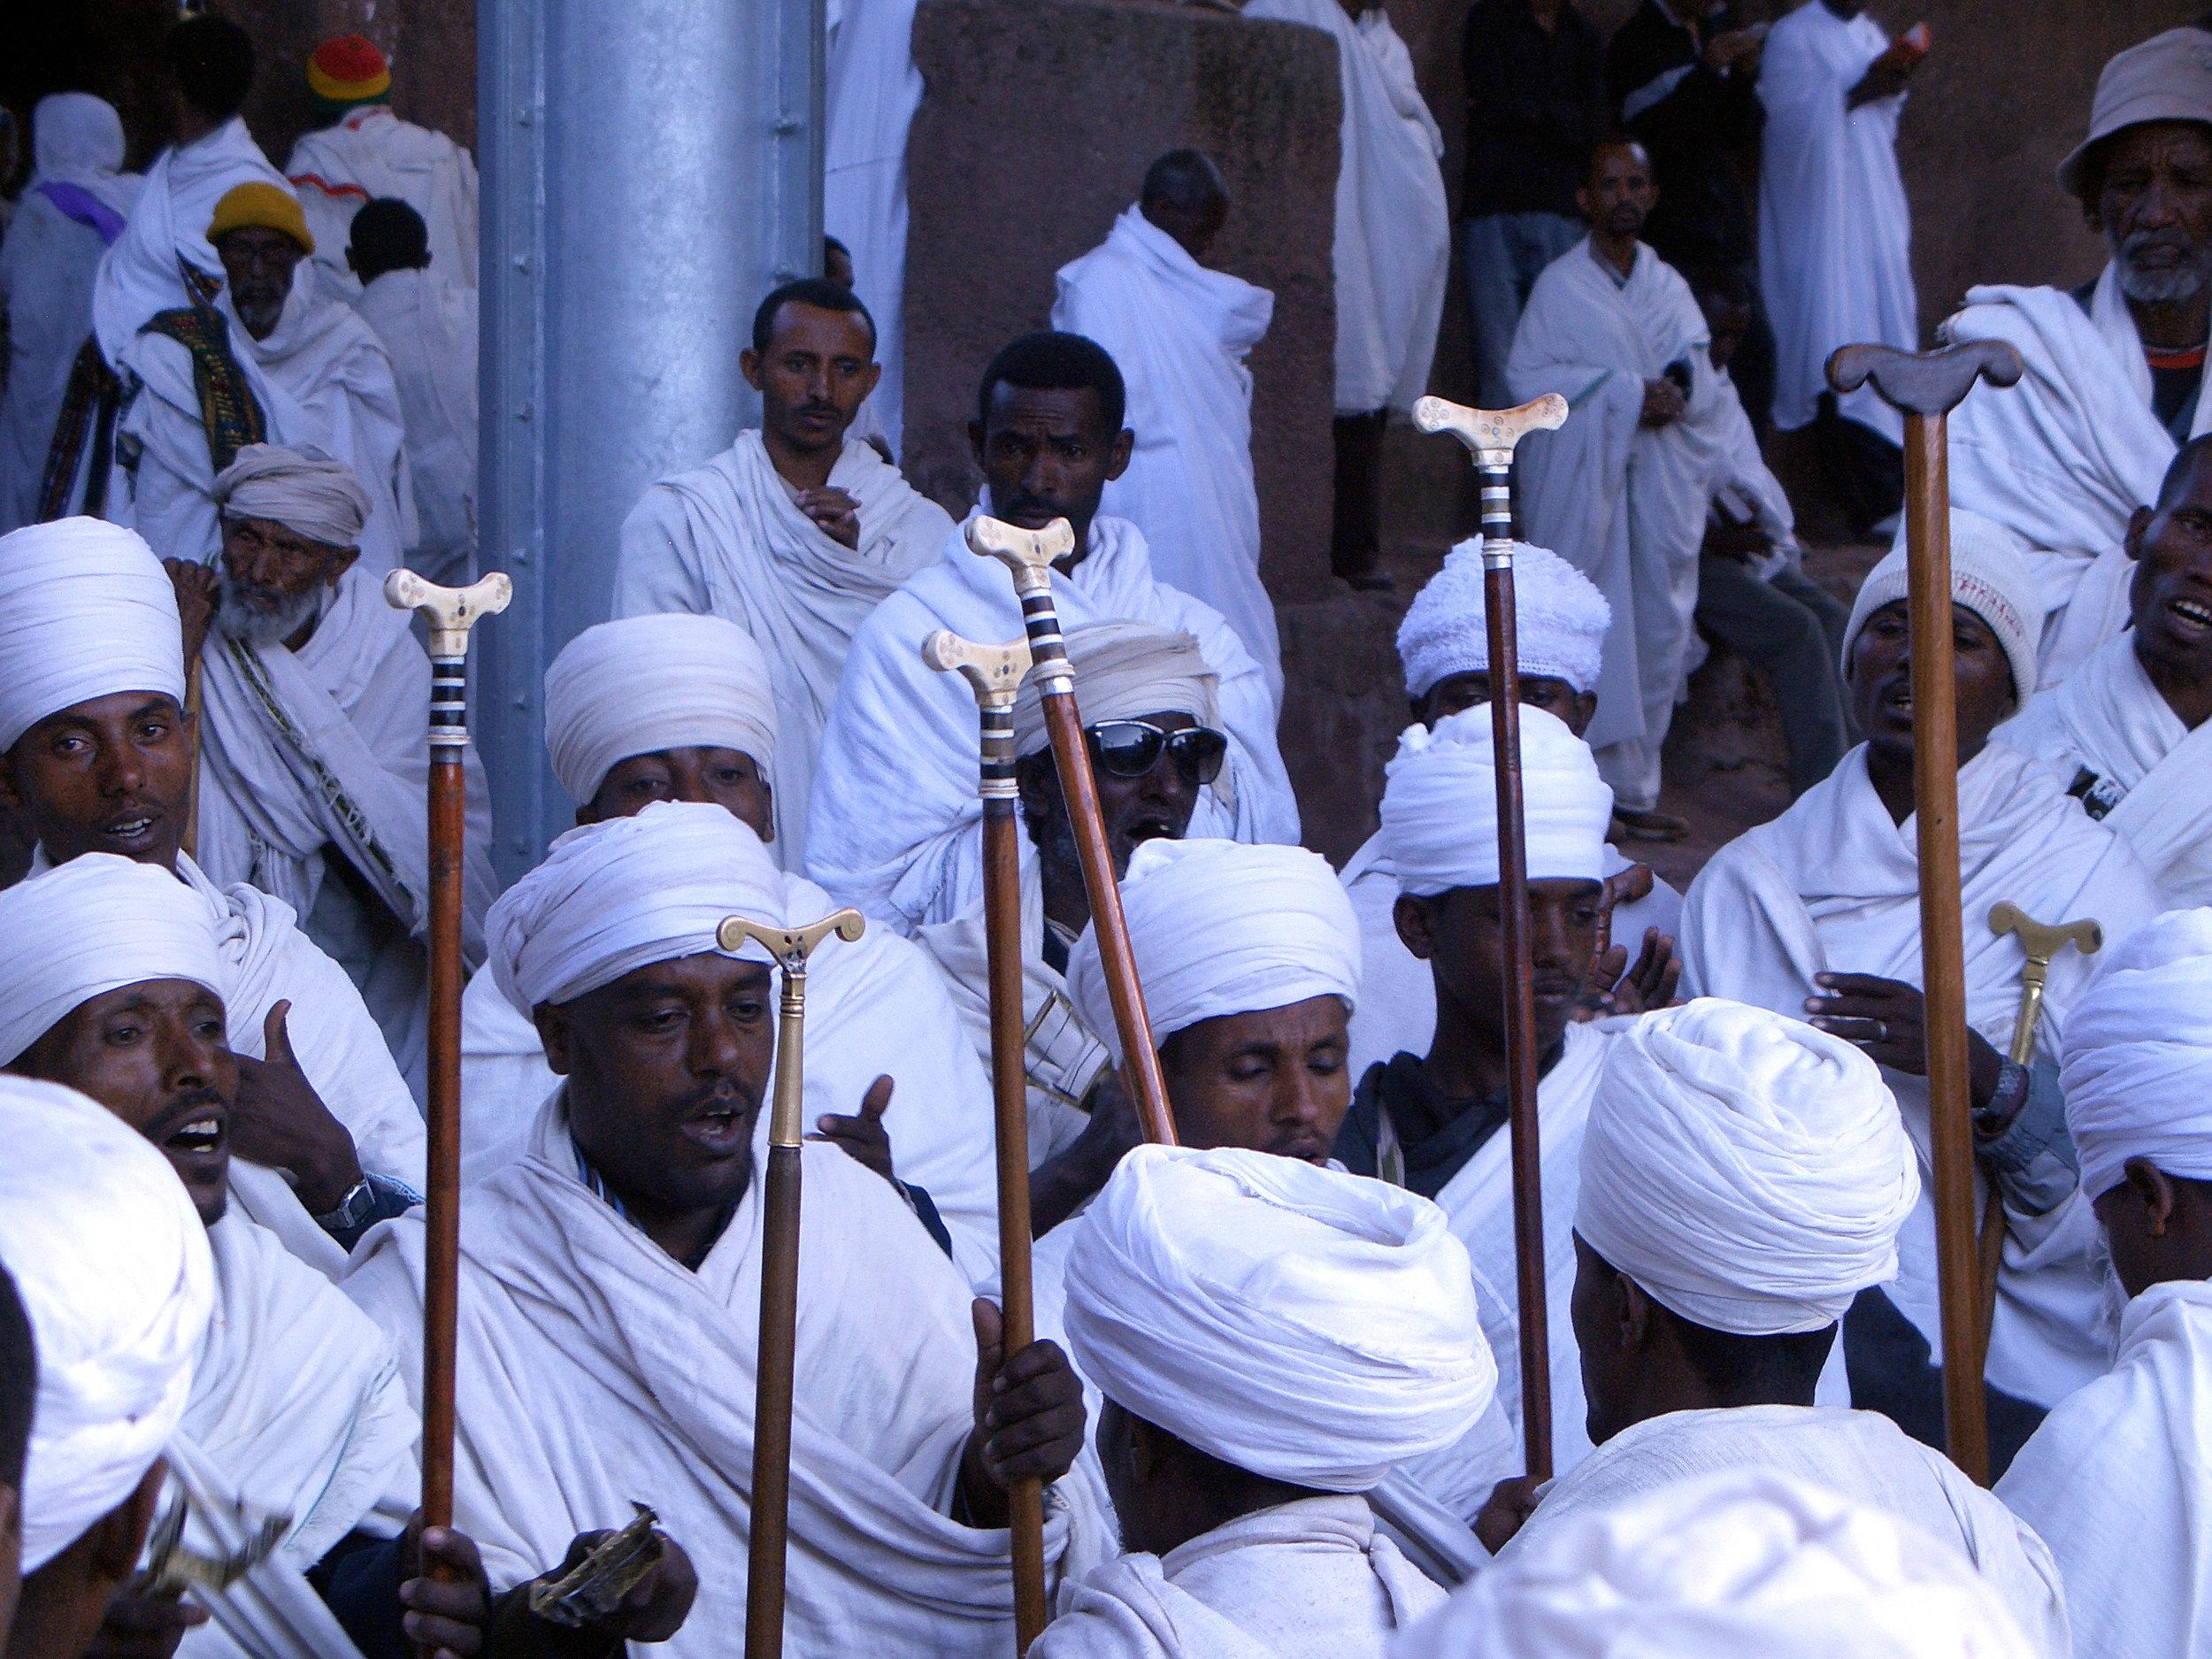 Peregrine Adventures-ethiopia_lalibela_priests-traditional-ceremony.jpg